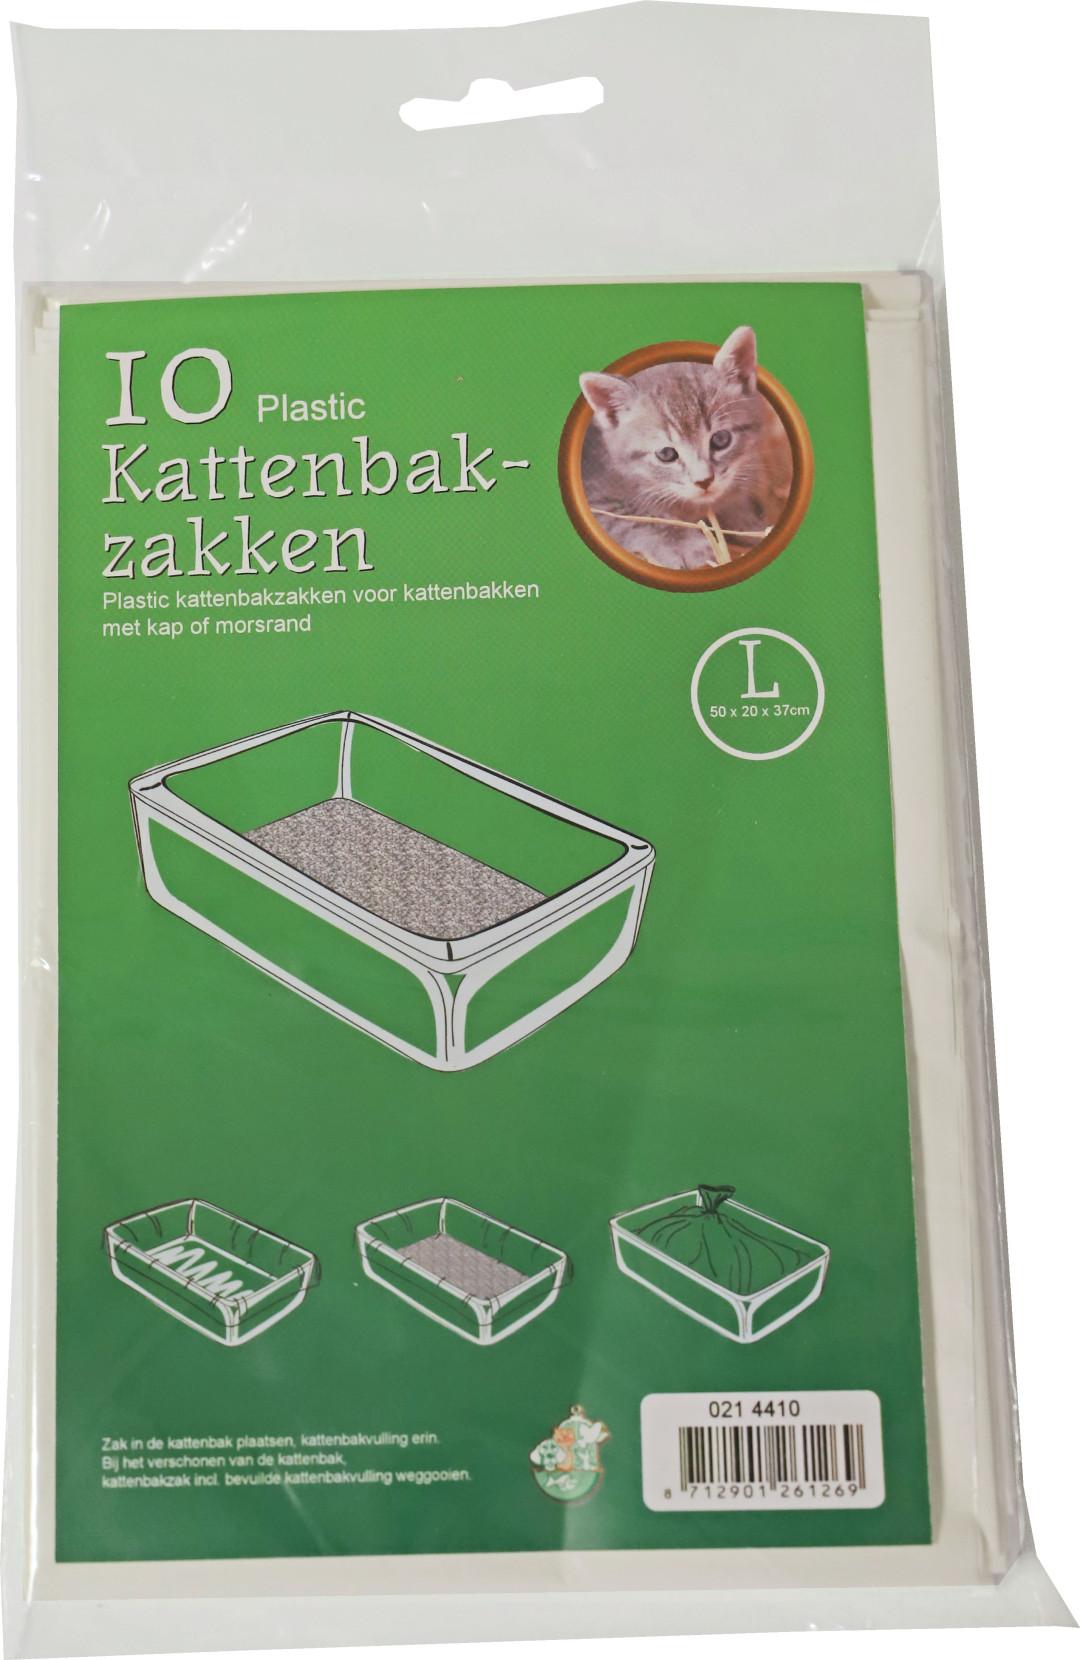 Kattenbakzakken L <br>10 st wit